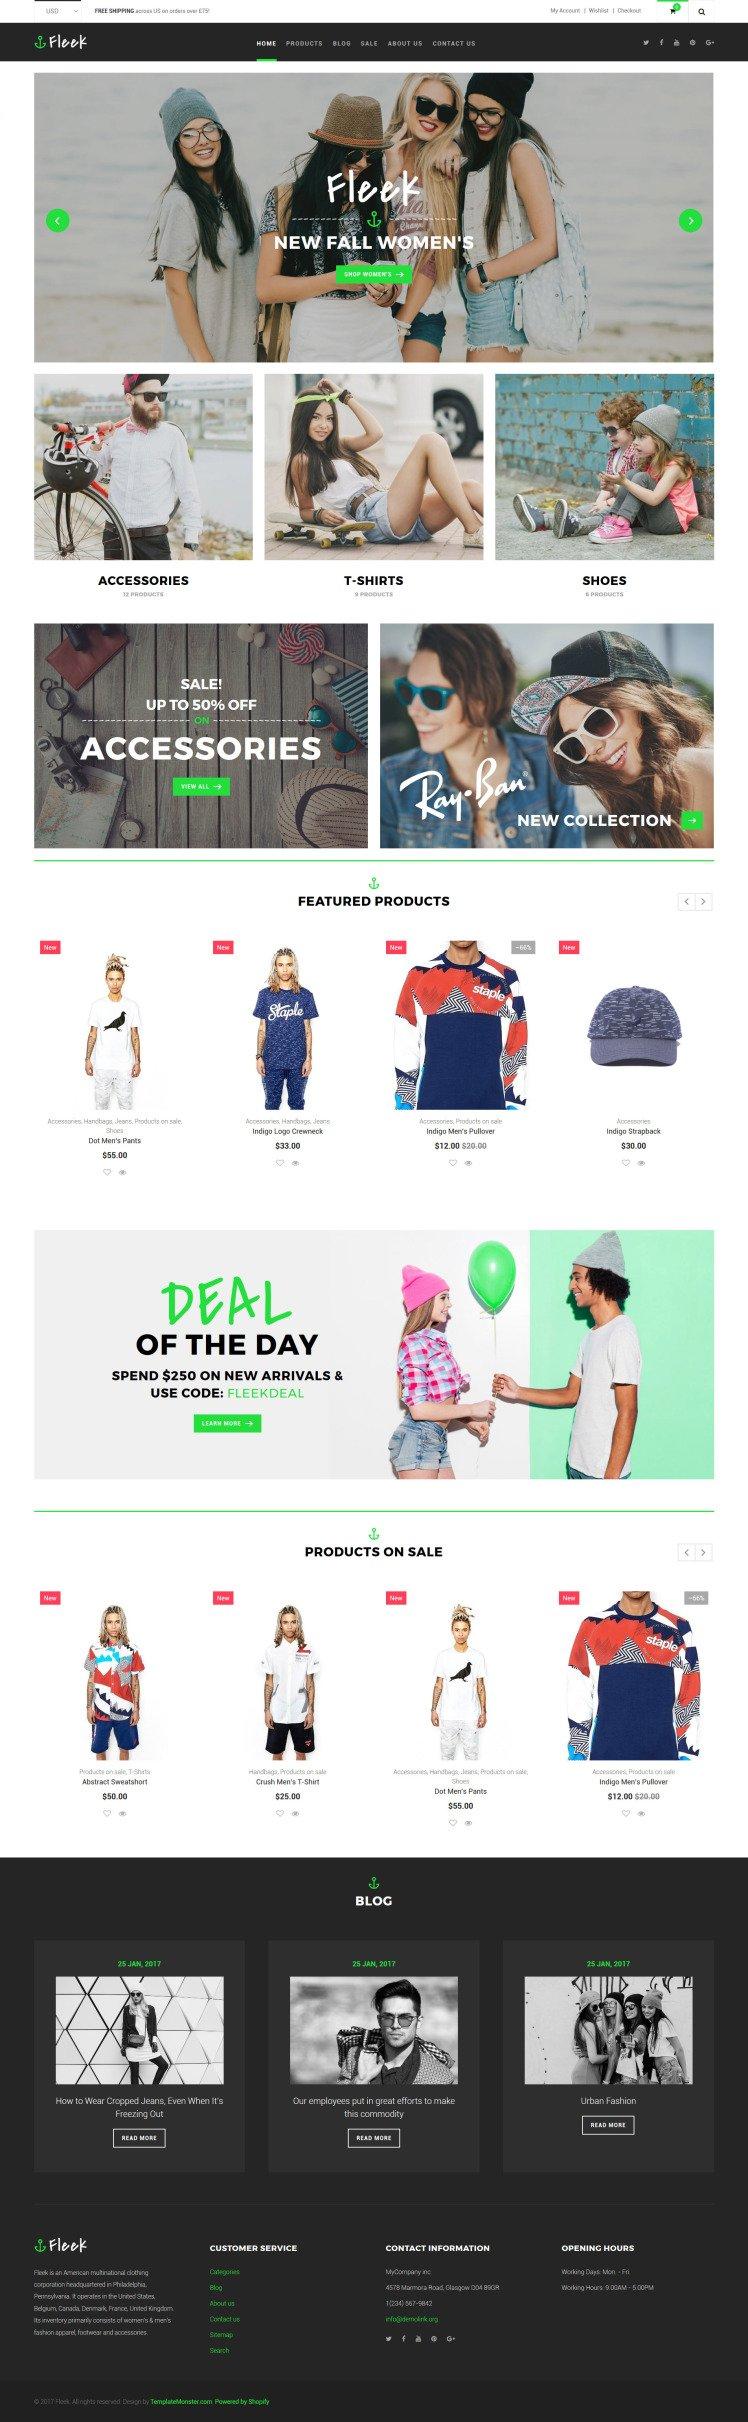 Fleek Fashion Responsive Shopify Theme